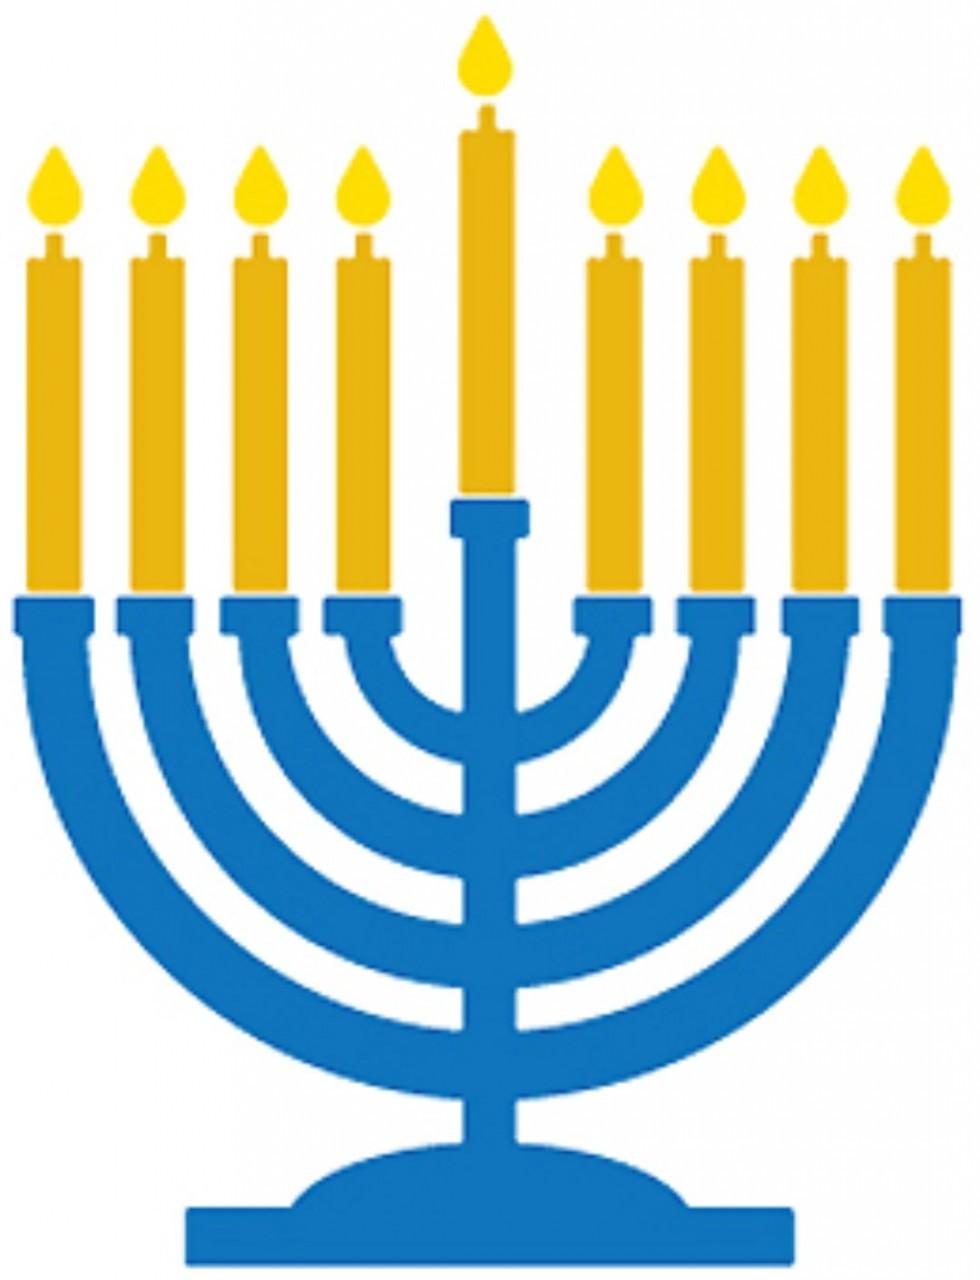 980x1280 Images Download Hanukkah Free